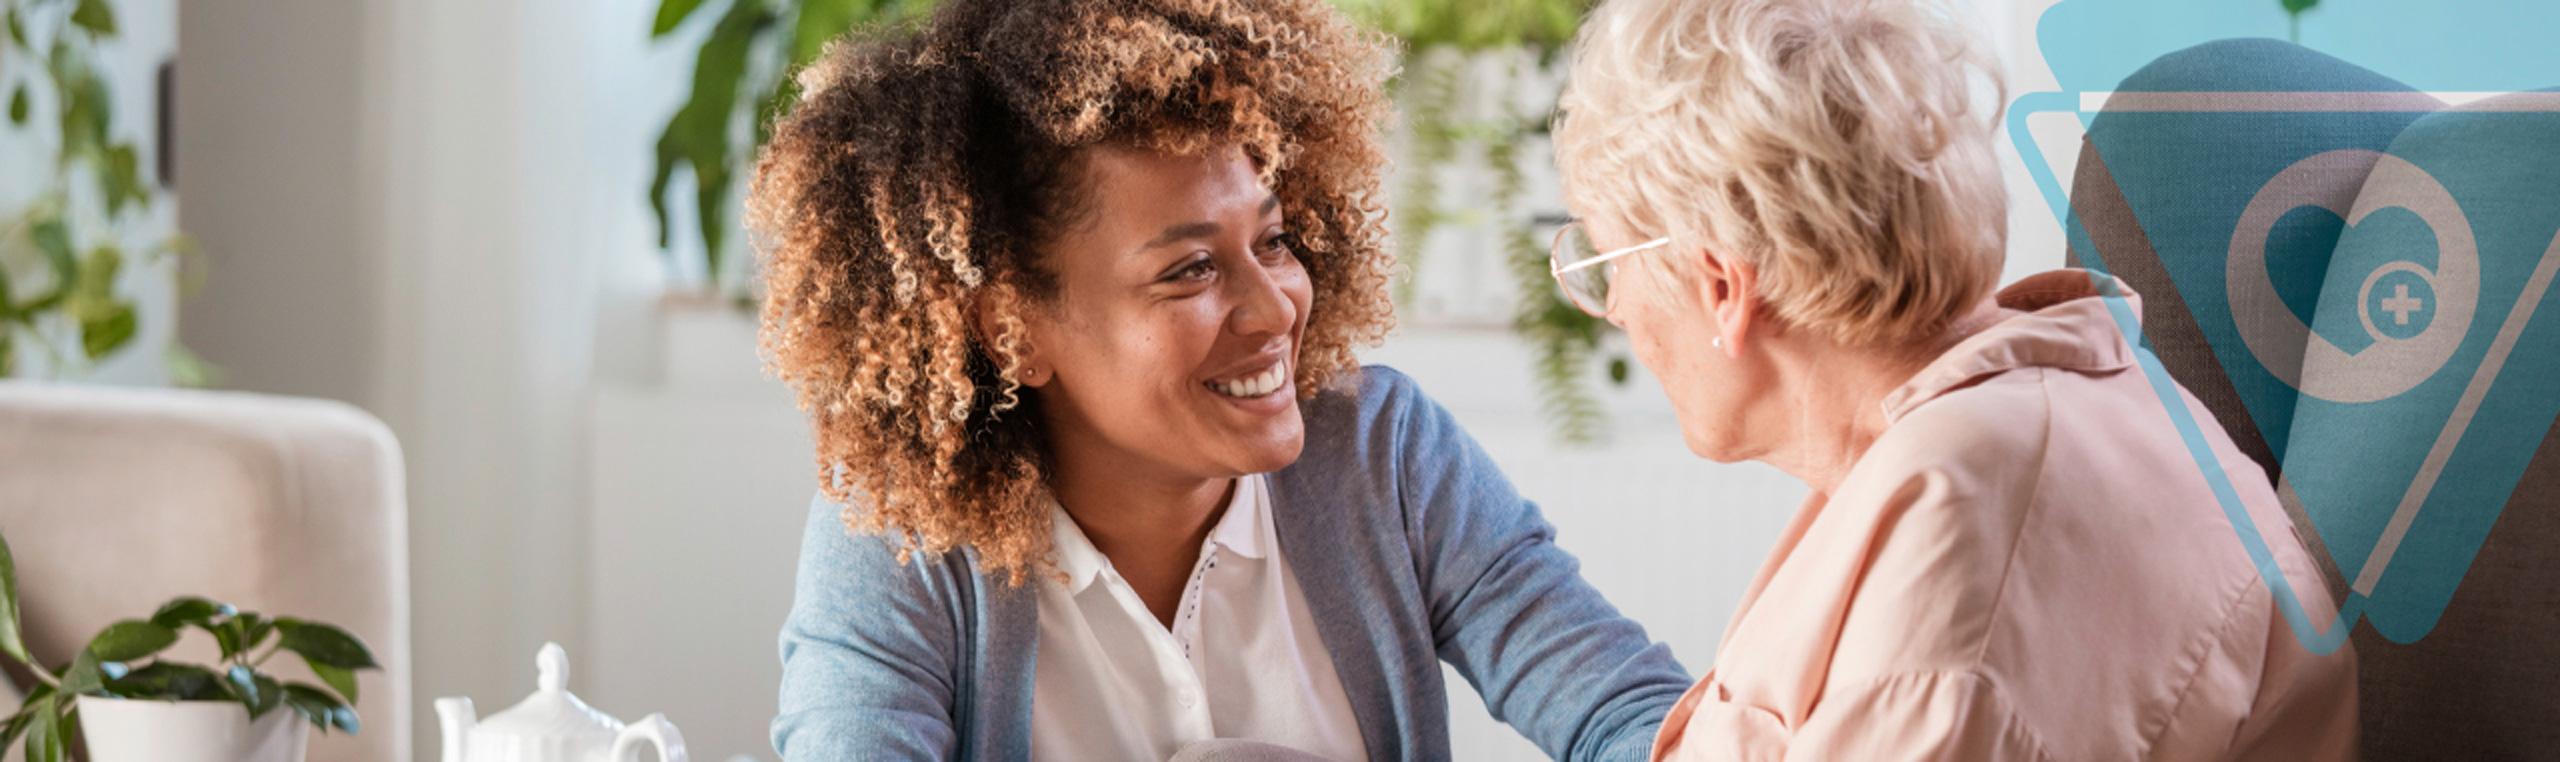 Leistungen Ambulanter Pflegedienst Tittling - Ihr ambulanter Pflegedienst für Tittling und Umgebung